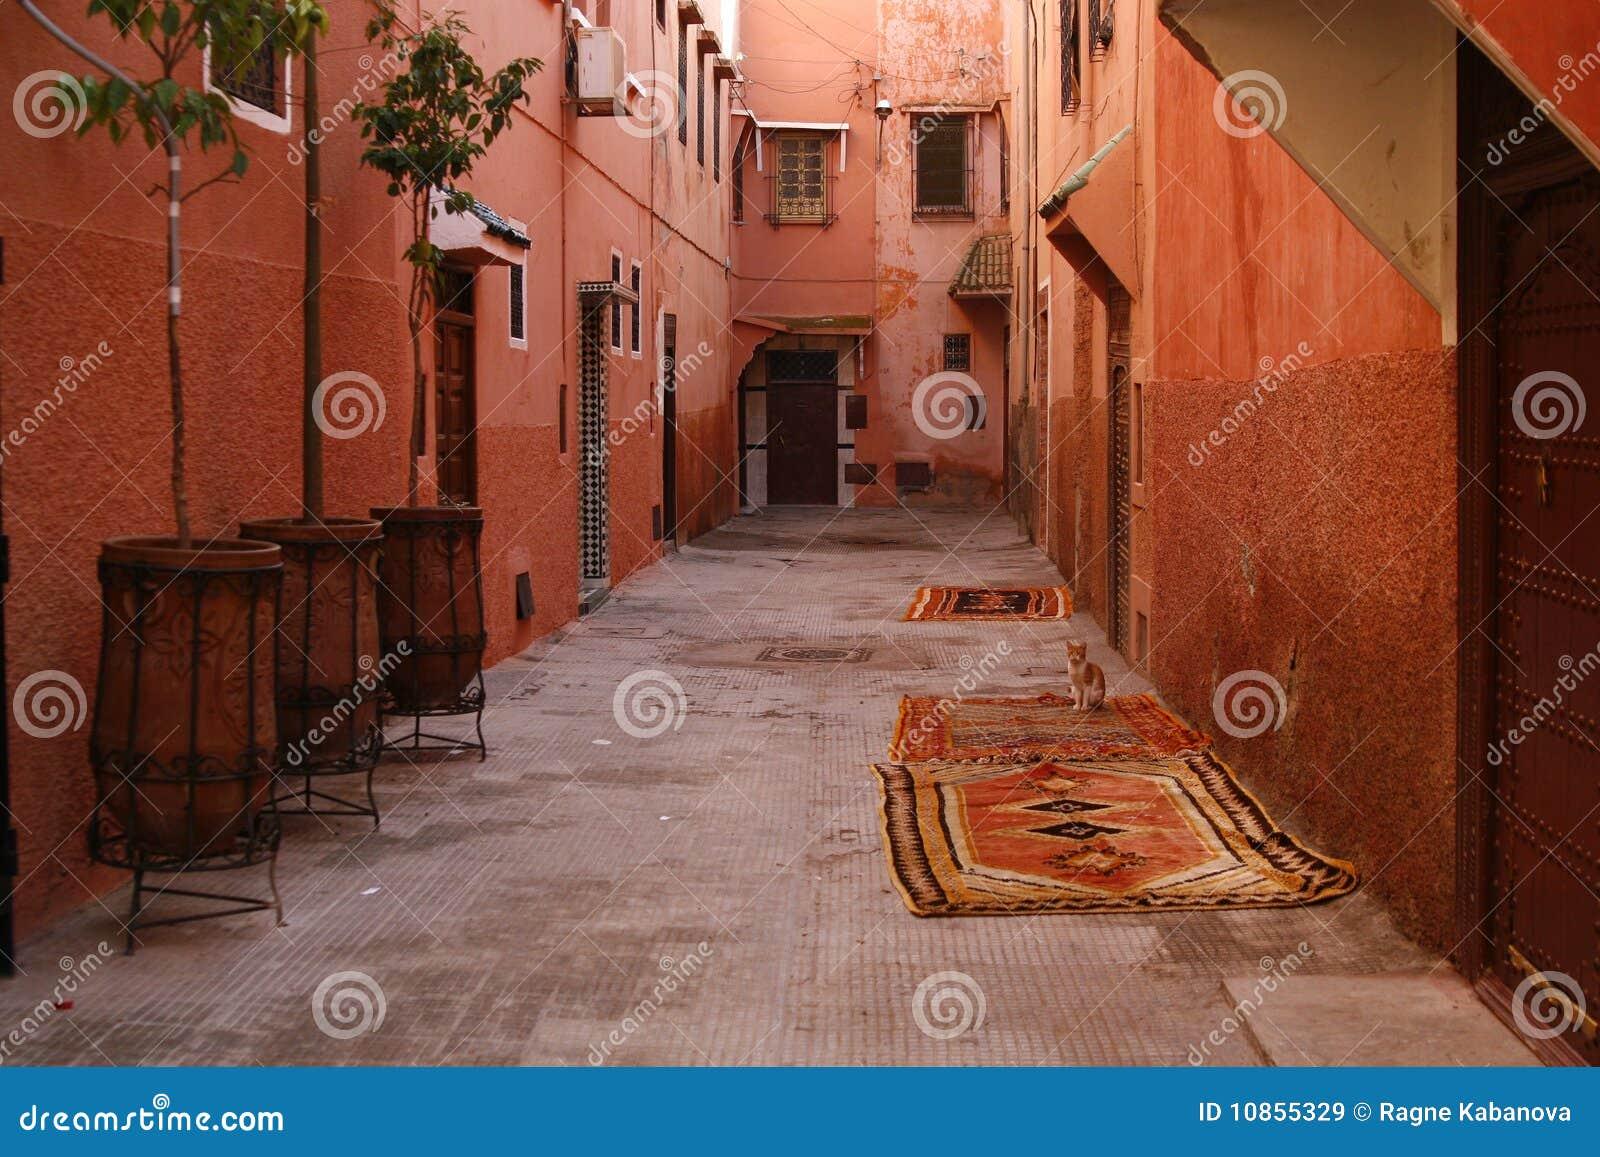 улица Марокко s medina marrakech малая